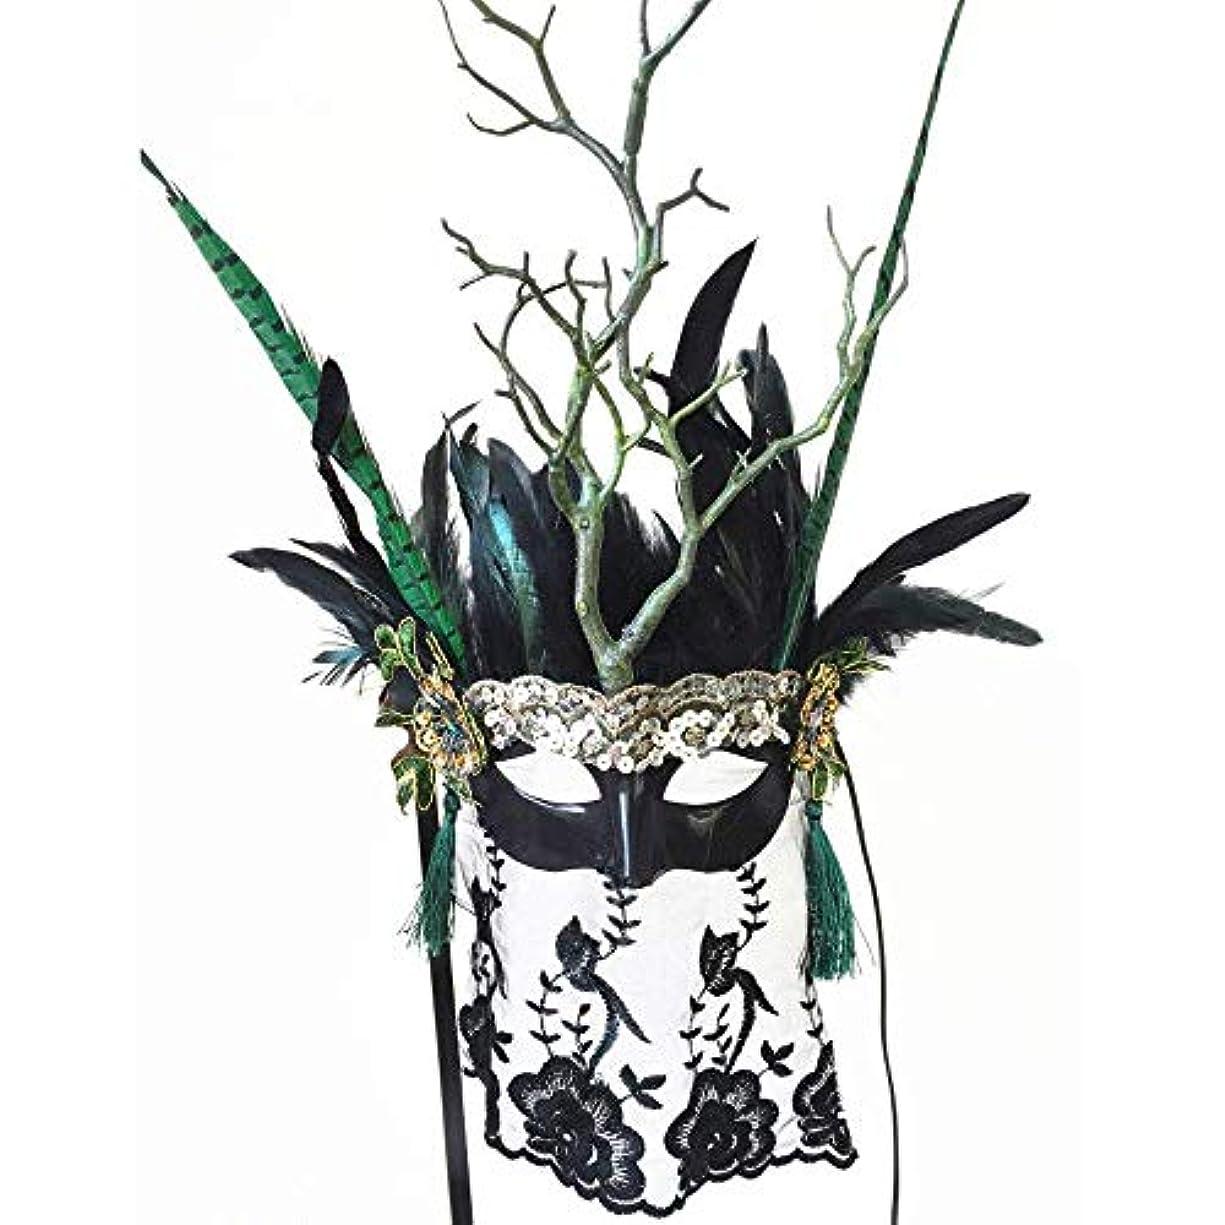 しがみつく詩人保育園Nanle ハロウィーンクリスマスドライブランチレースフェザースパンコールタッセルベールマスク仮装マスクレディミスプリンセス美しさの祭りパーティー装飾マスク (色 : Style A)